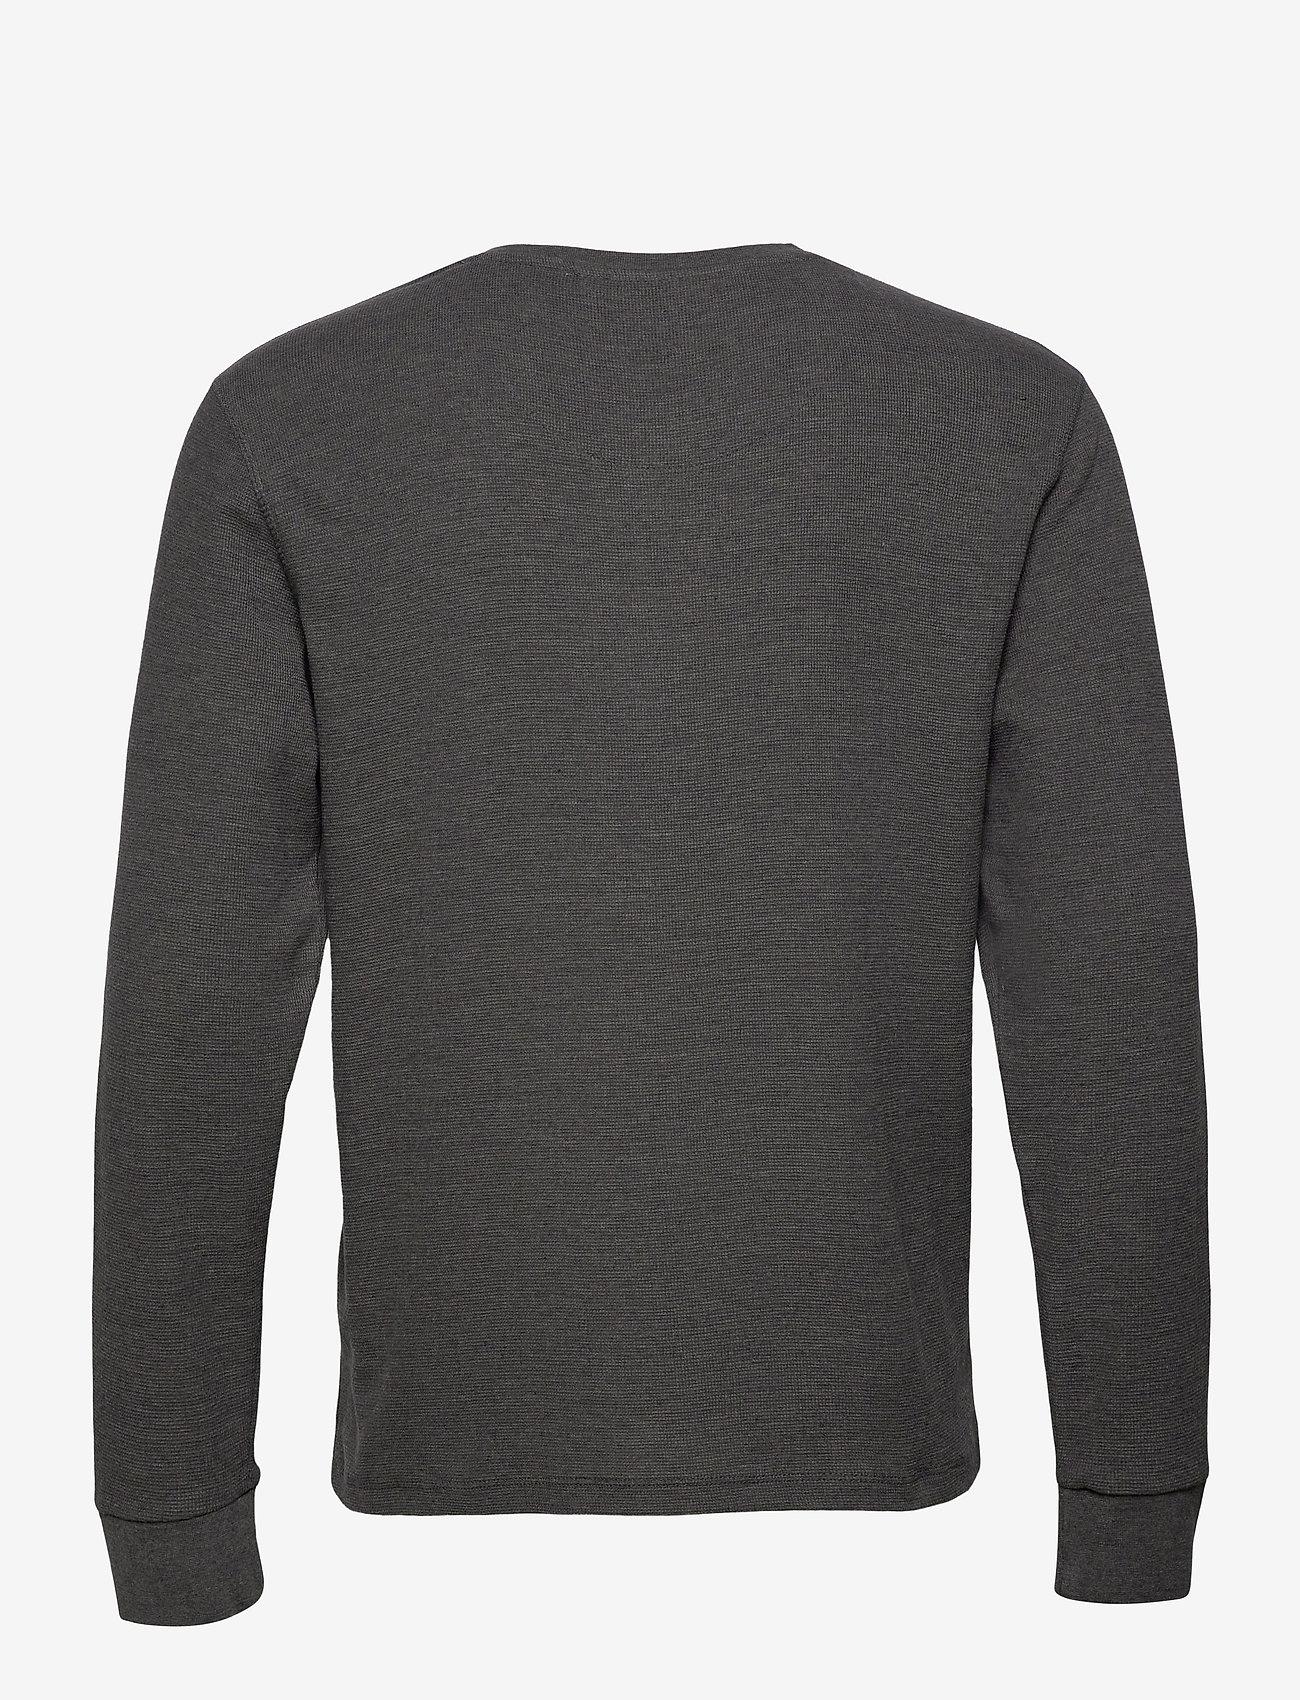 Blend - Tee - basic t-shirts - pewter mix - 1